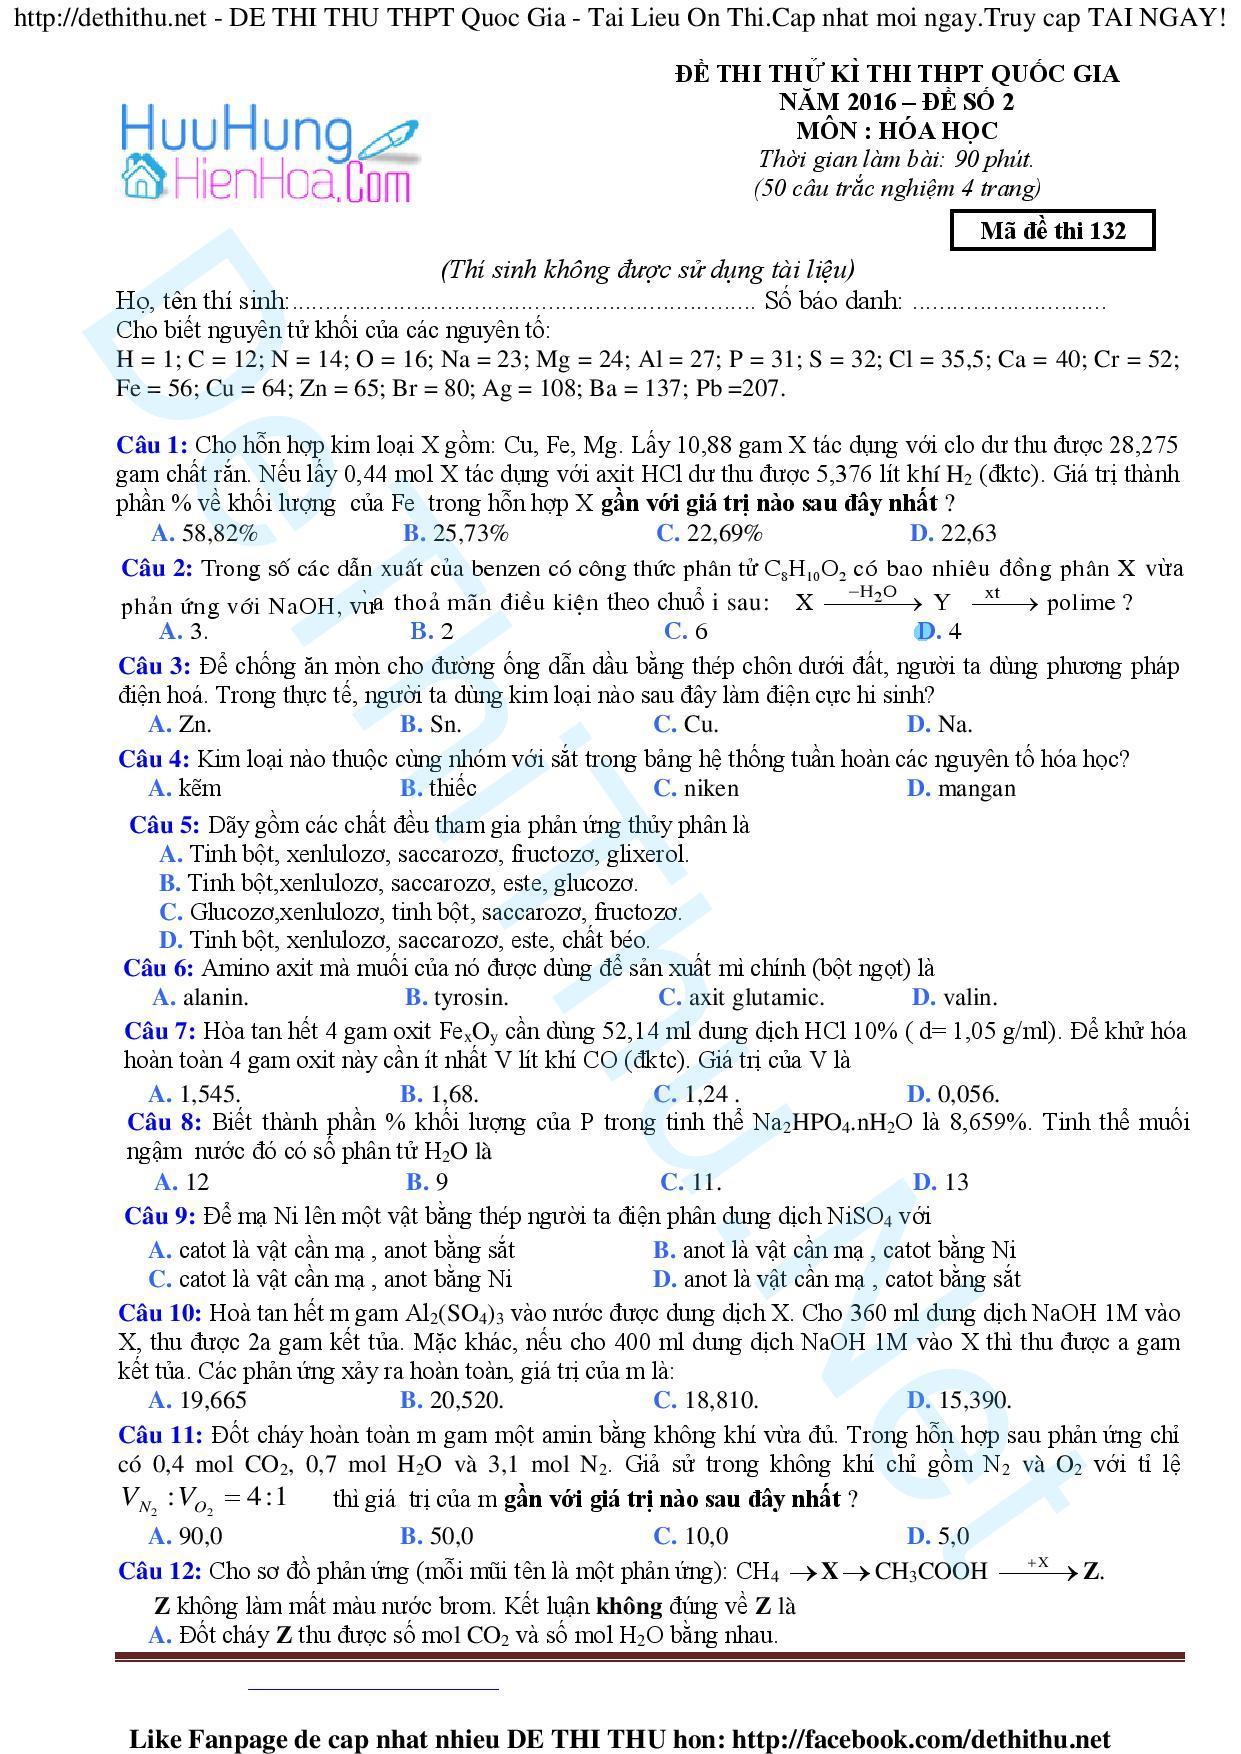 Đề Thi Thử môn Hóa THPT Quốc Gia 2016 số 2 giải chi tiết